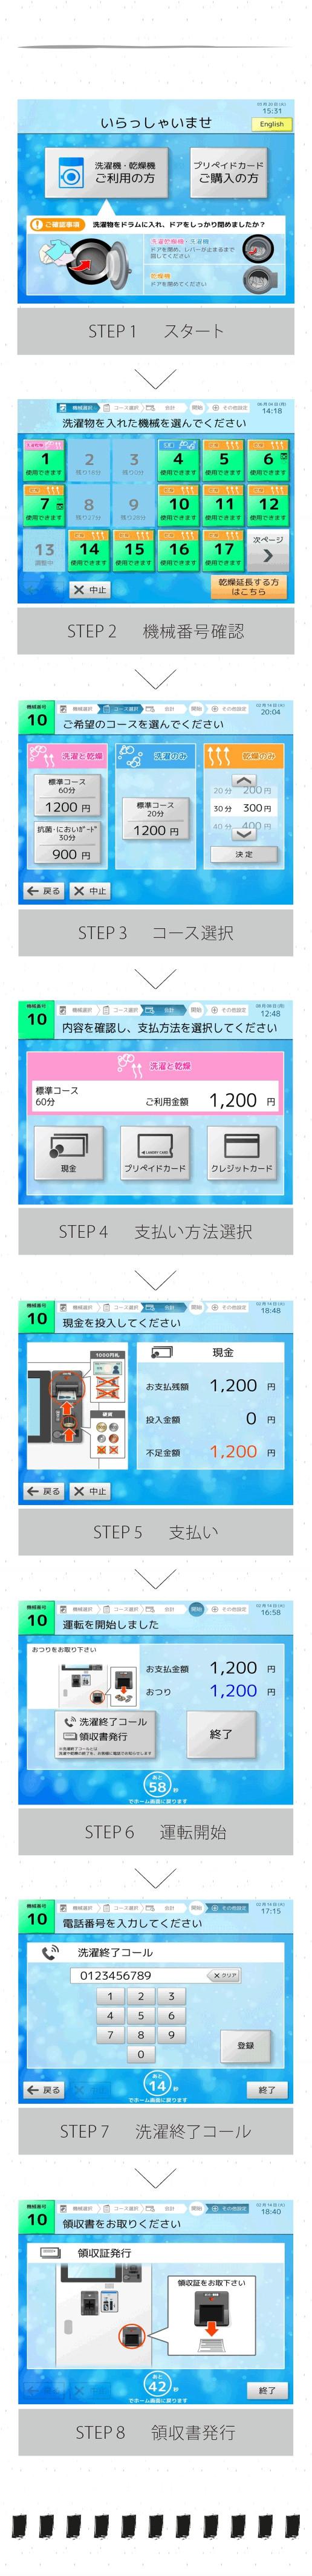 5 電子マネー 2 .jpg